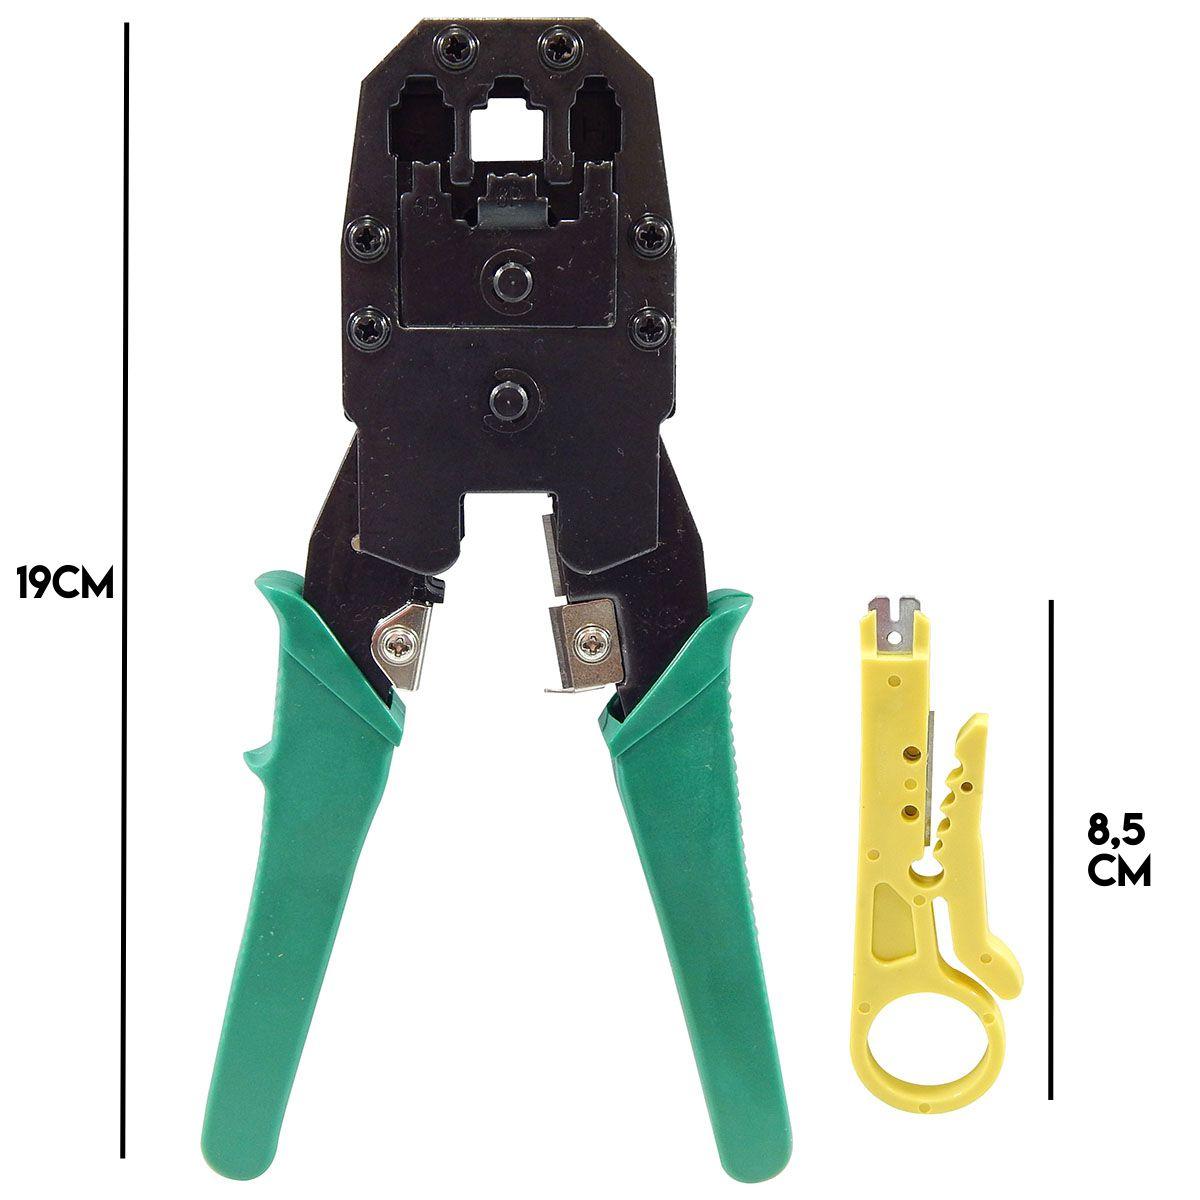 KIT Testador de Cabo RJ45 e Rj11 + Alicate de Crimpagem RJ45 e RJ11 + Alicate Coaxial + Decapador Cabo Coaxial + 50x Conectores RJ45